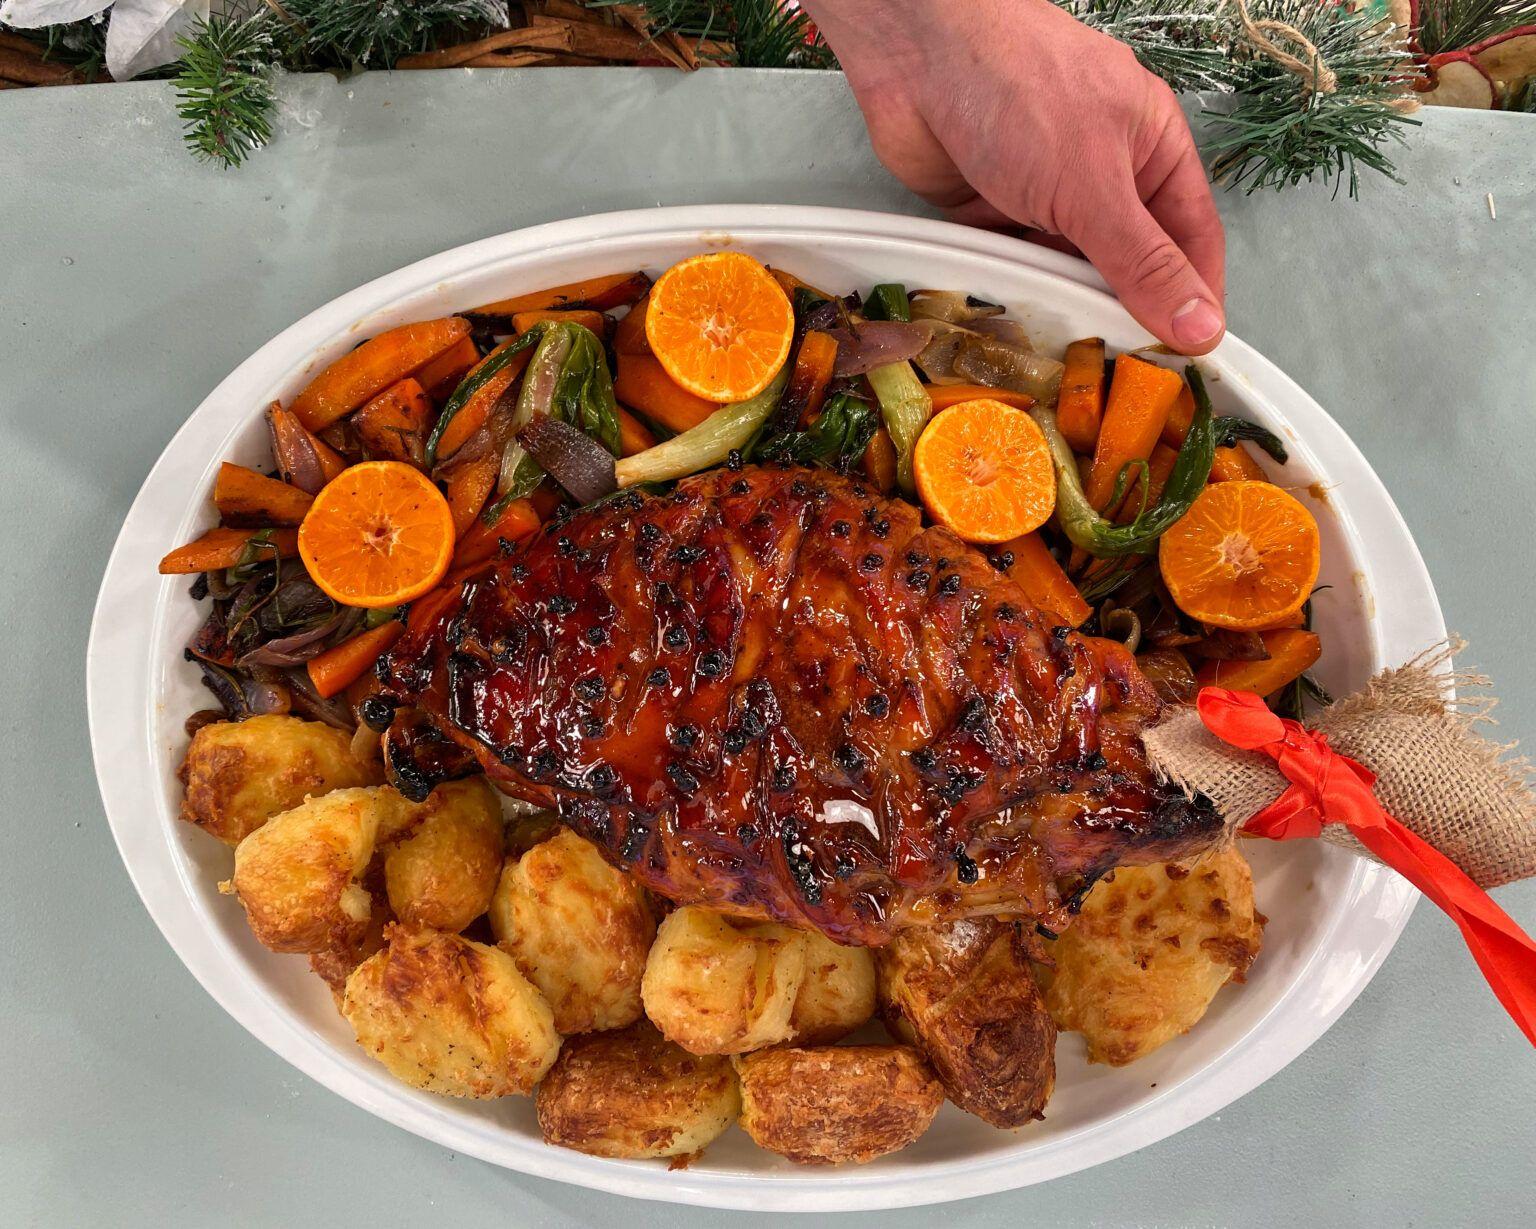 Χριστουγεννιάτικο Γλασαρισμένο Χοιρινό Μπούτι με Ψητές  Πατάτες & Λαχανικά